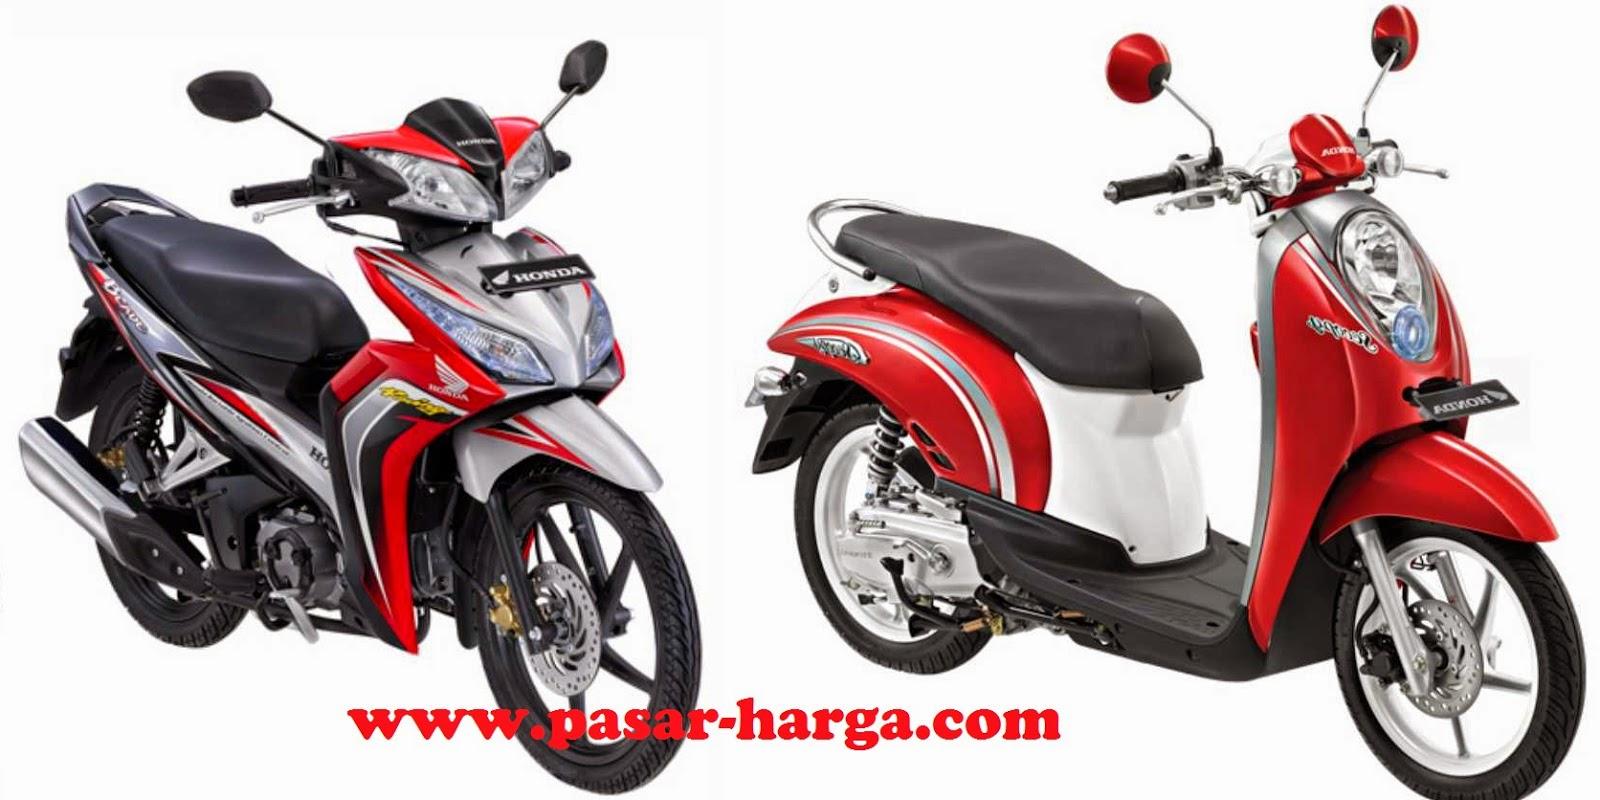 63 Harga Motor Yamaha Nmax Second